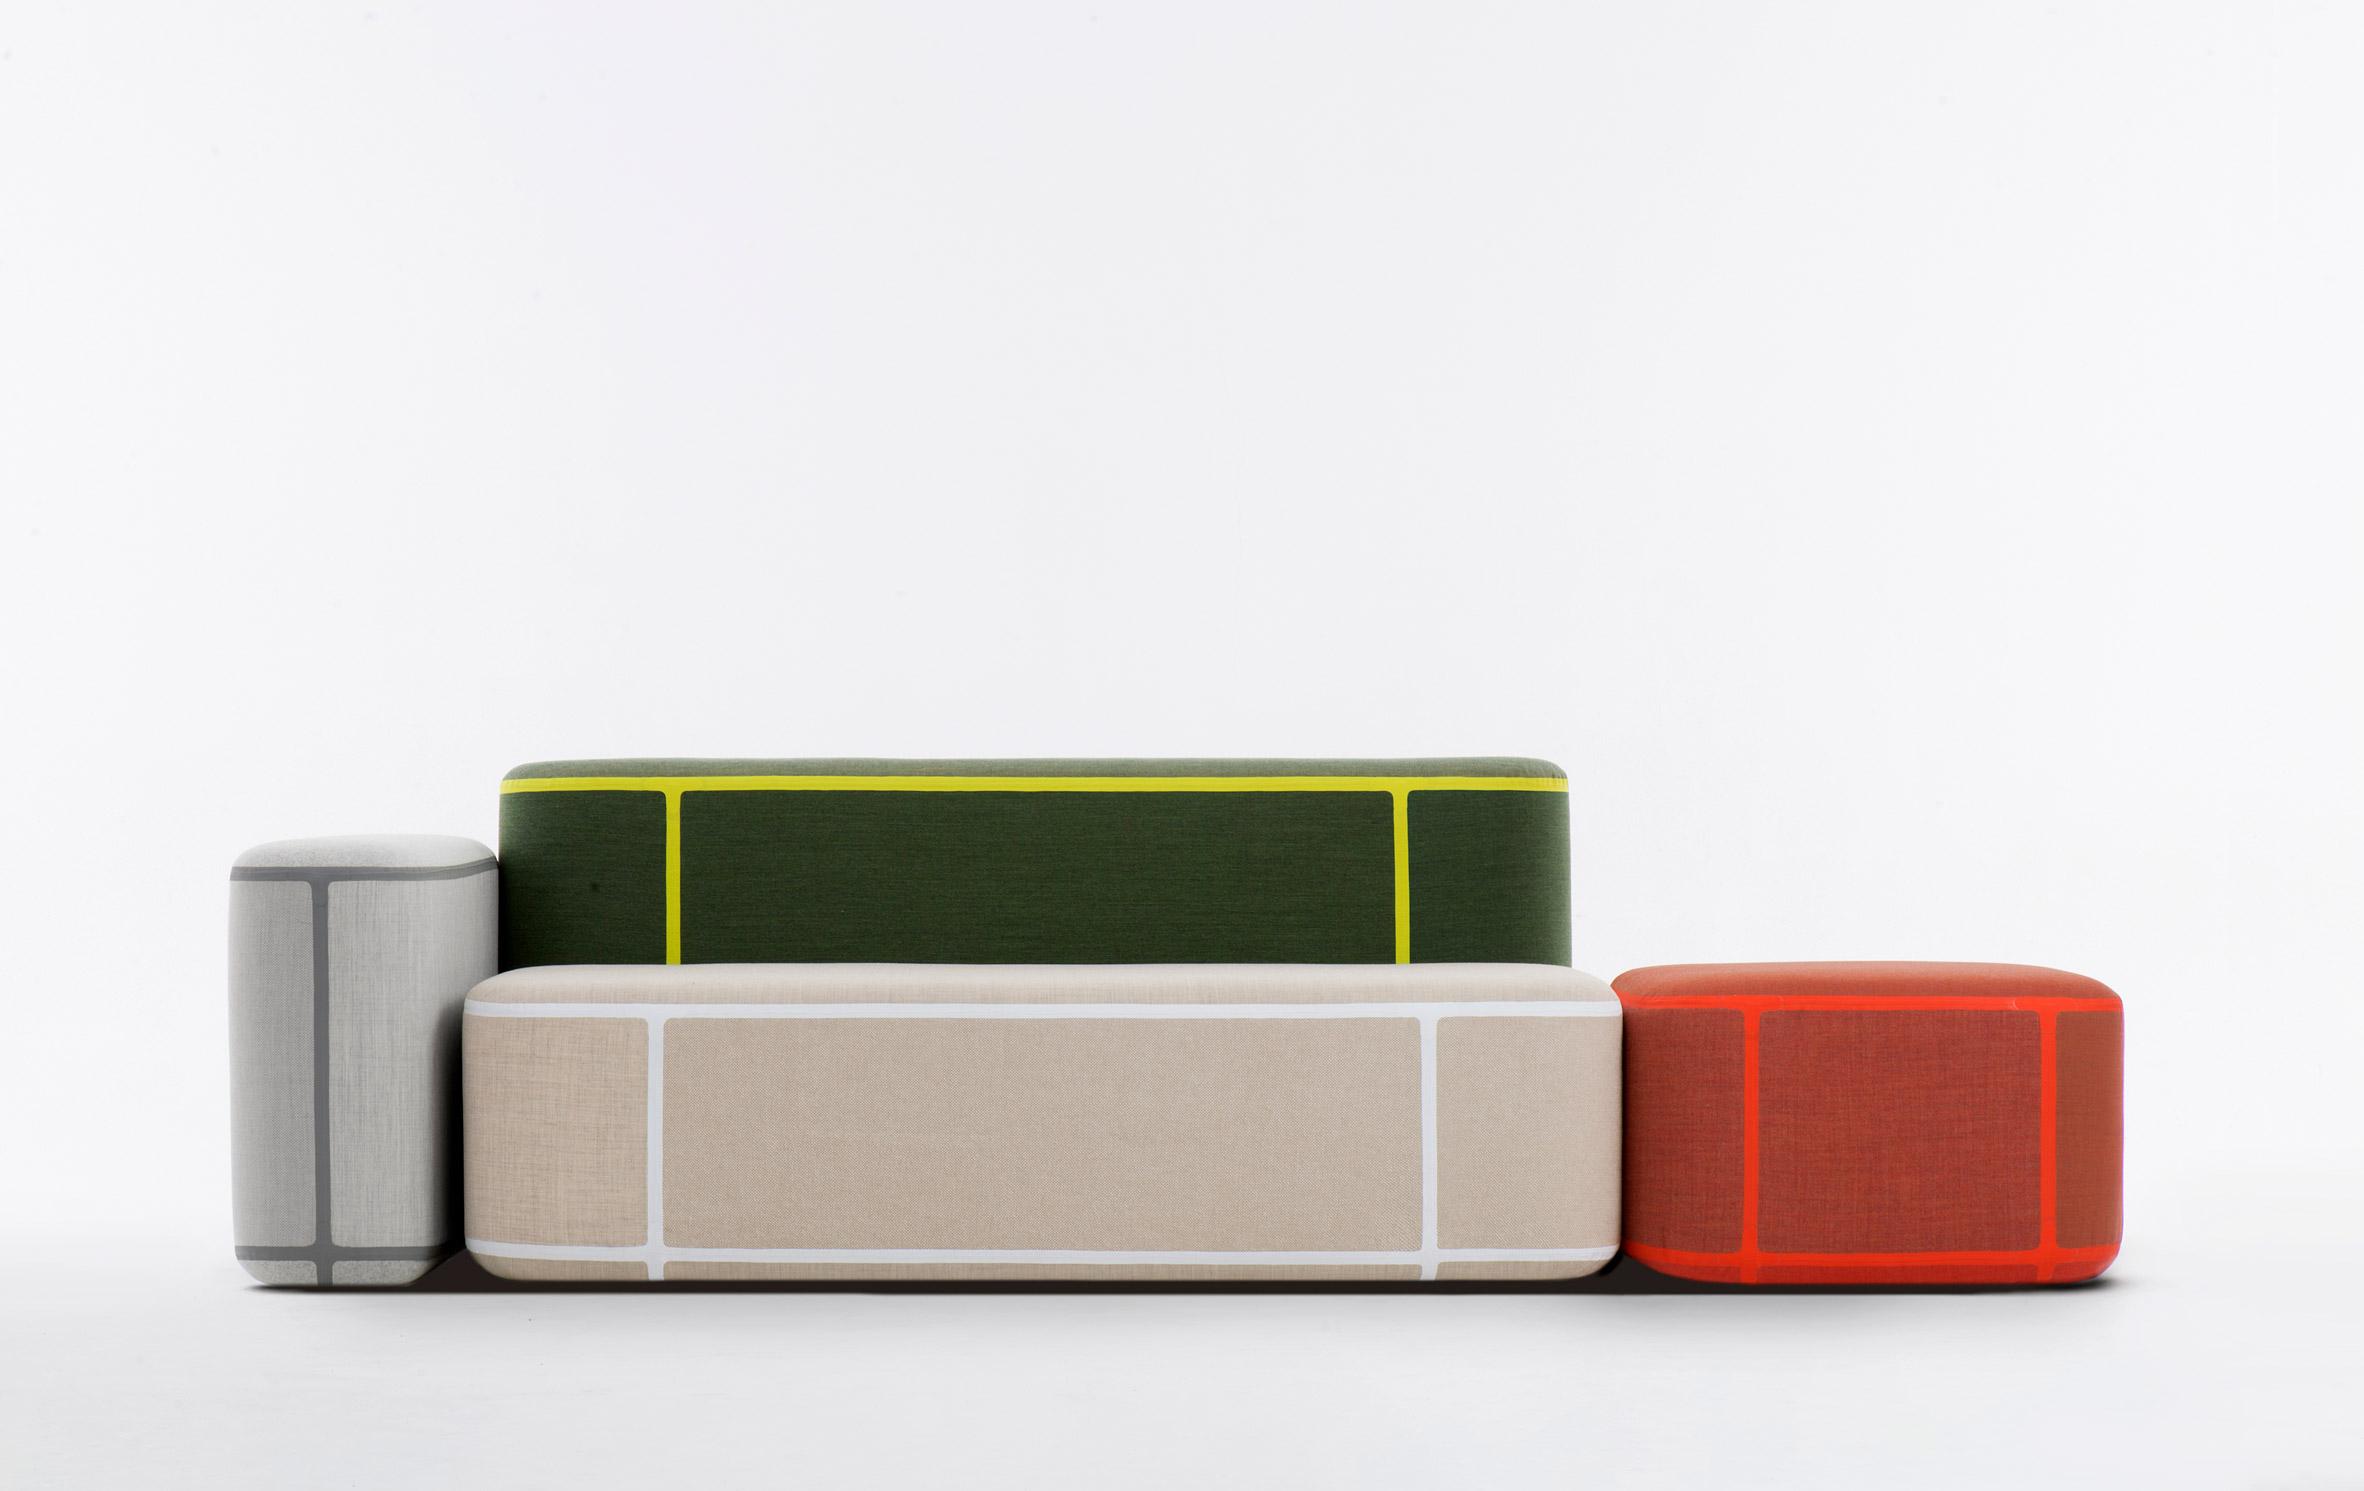 Benjamin Hubert's modular furniture introduces new method of bonding textiles